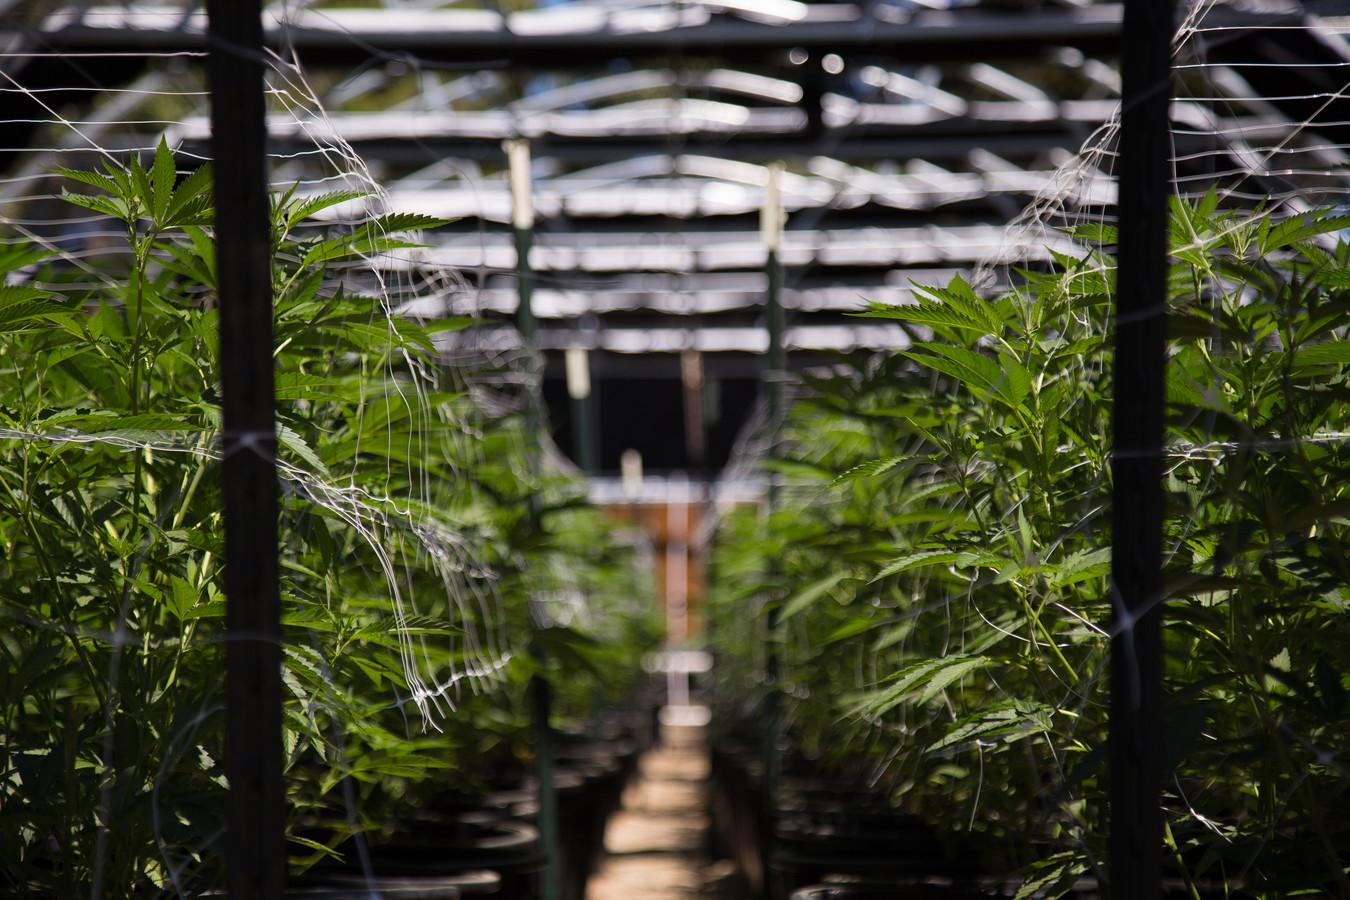 De Nederlanders waren gespecialiseerd in het opzetten van cannanisplantages. (illustratiebeeld)